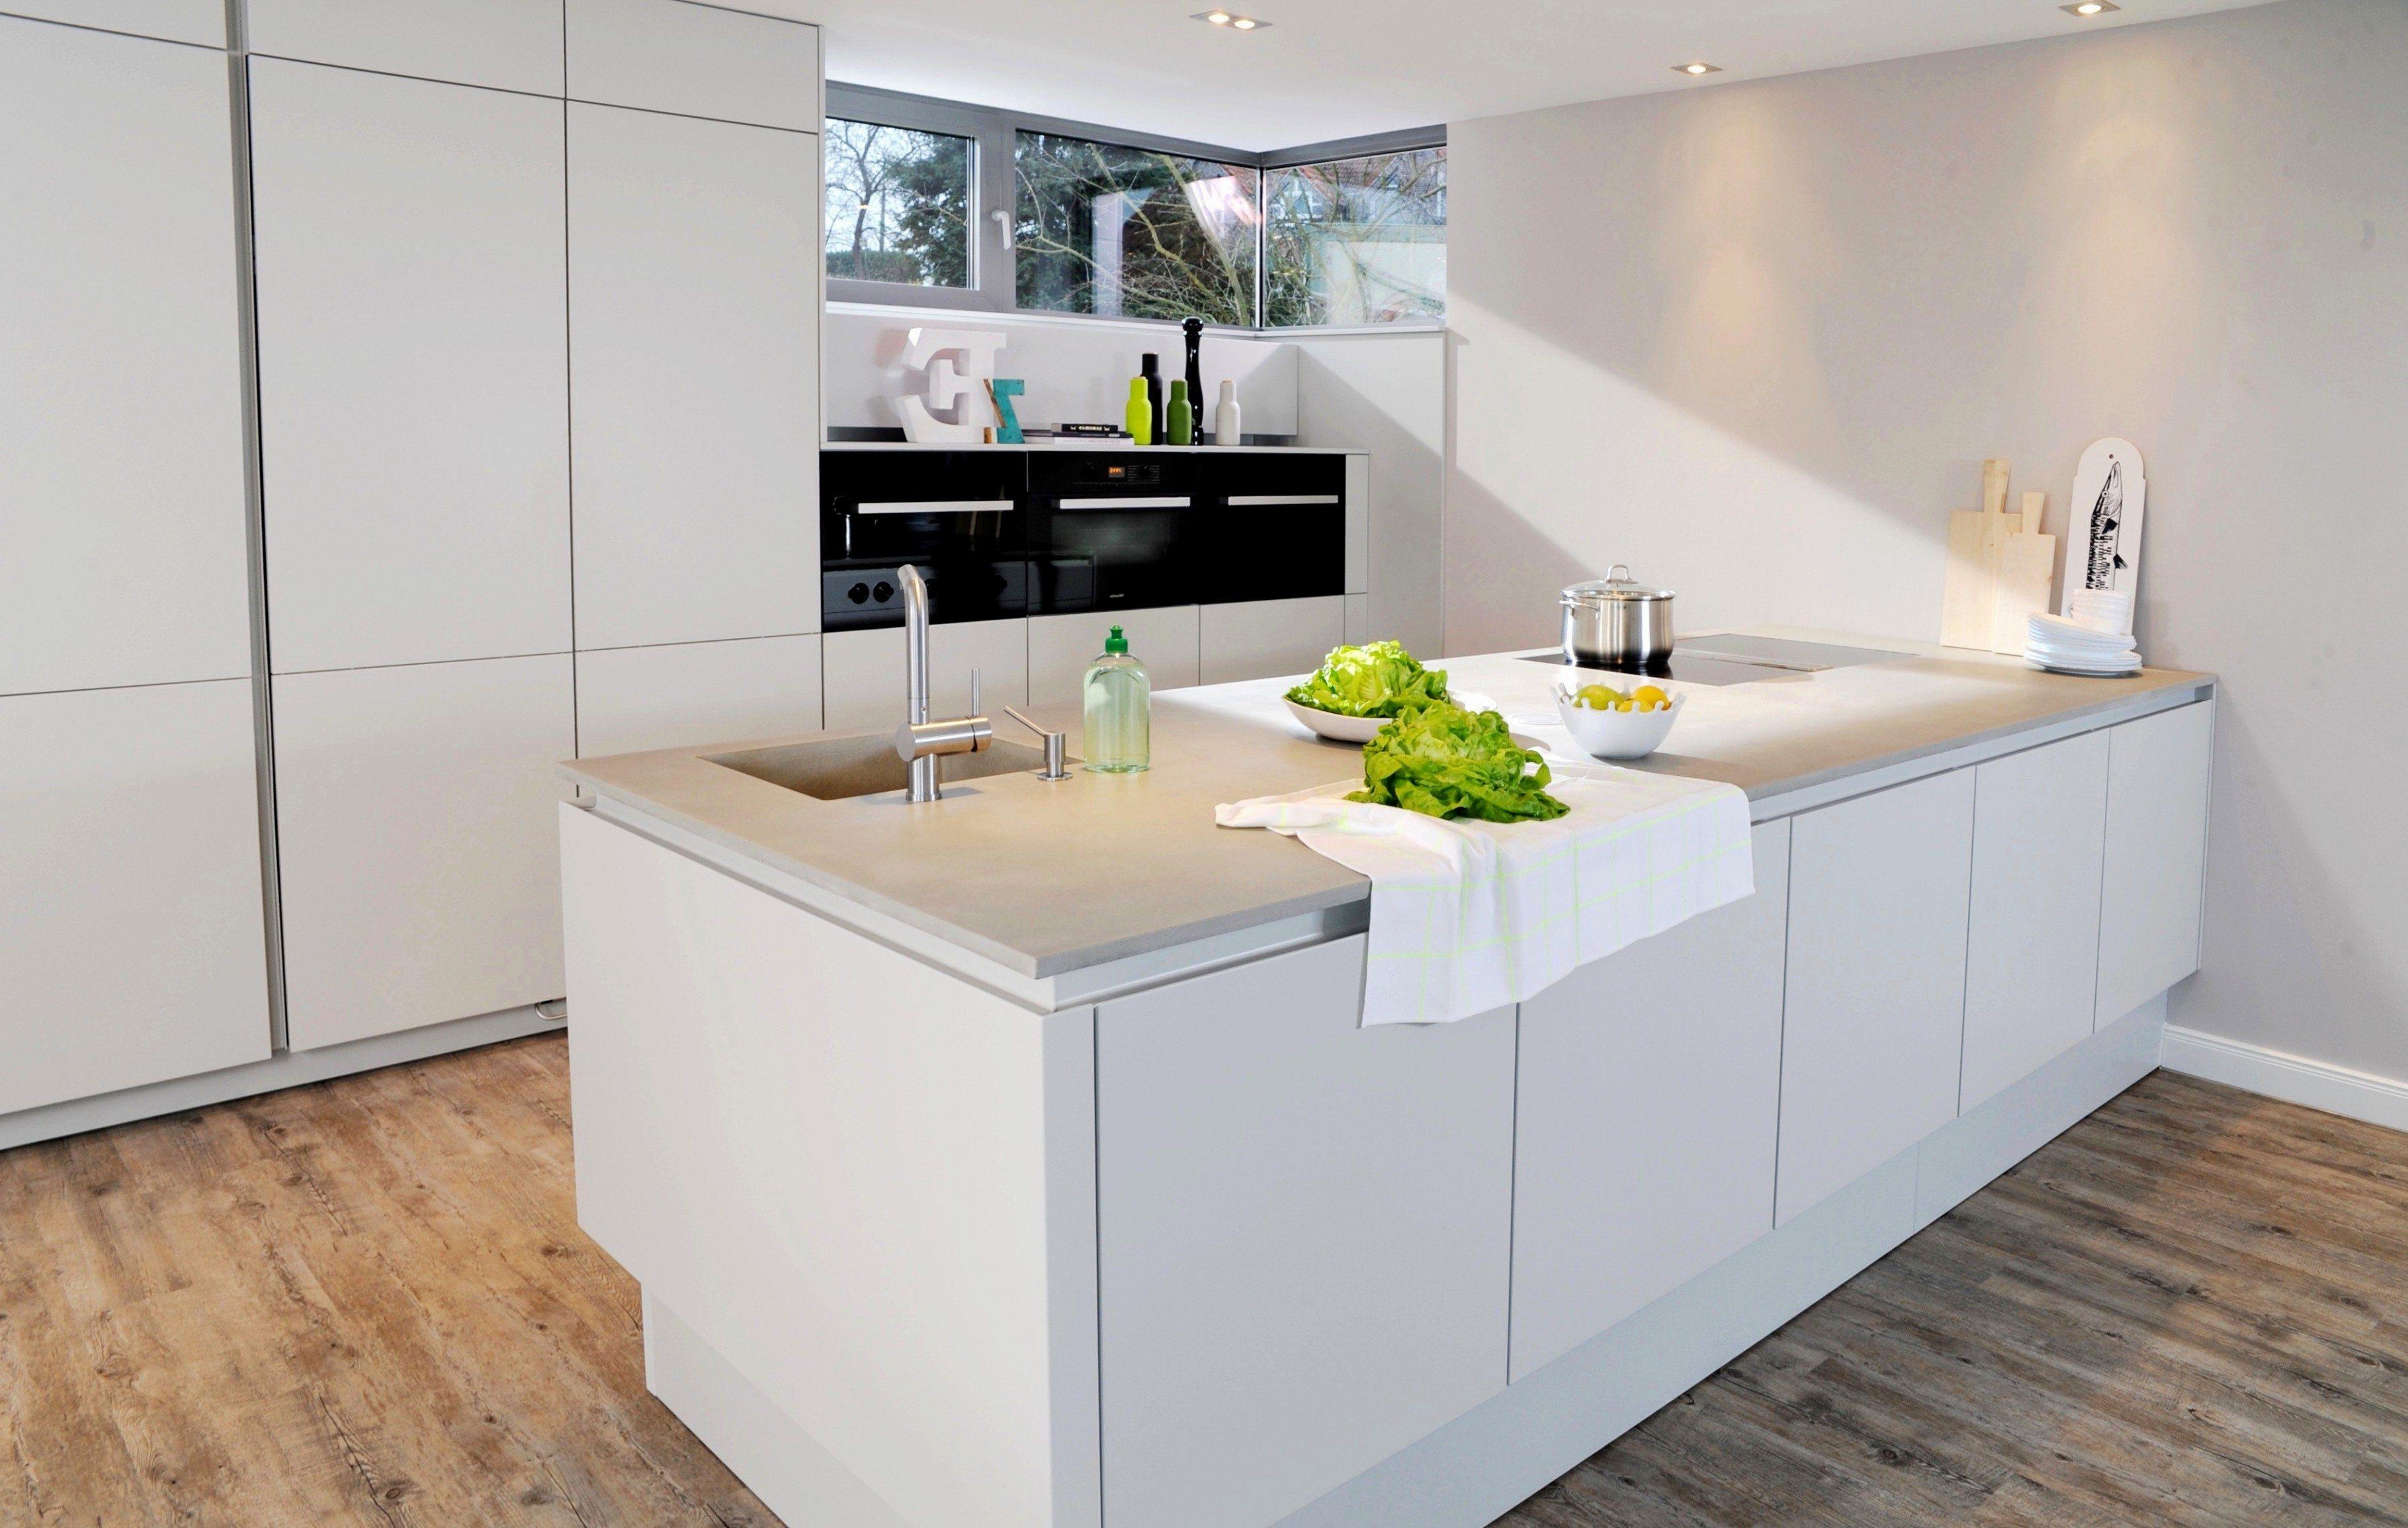 43 Schon Kuchenschrank Conforama Kitchen Cabinet Remodel Glossy Kitchen Kitchen Remodel